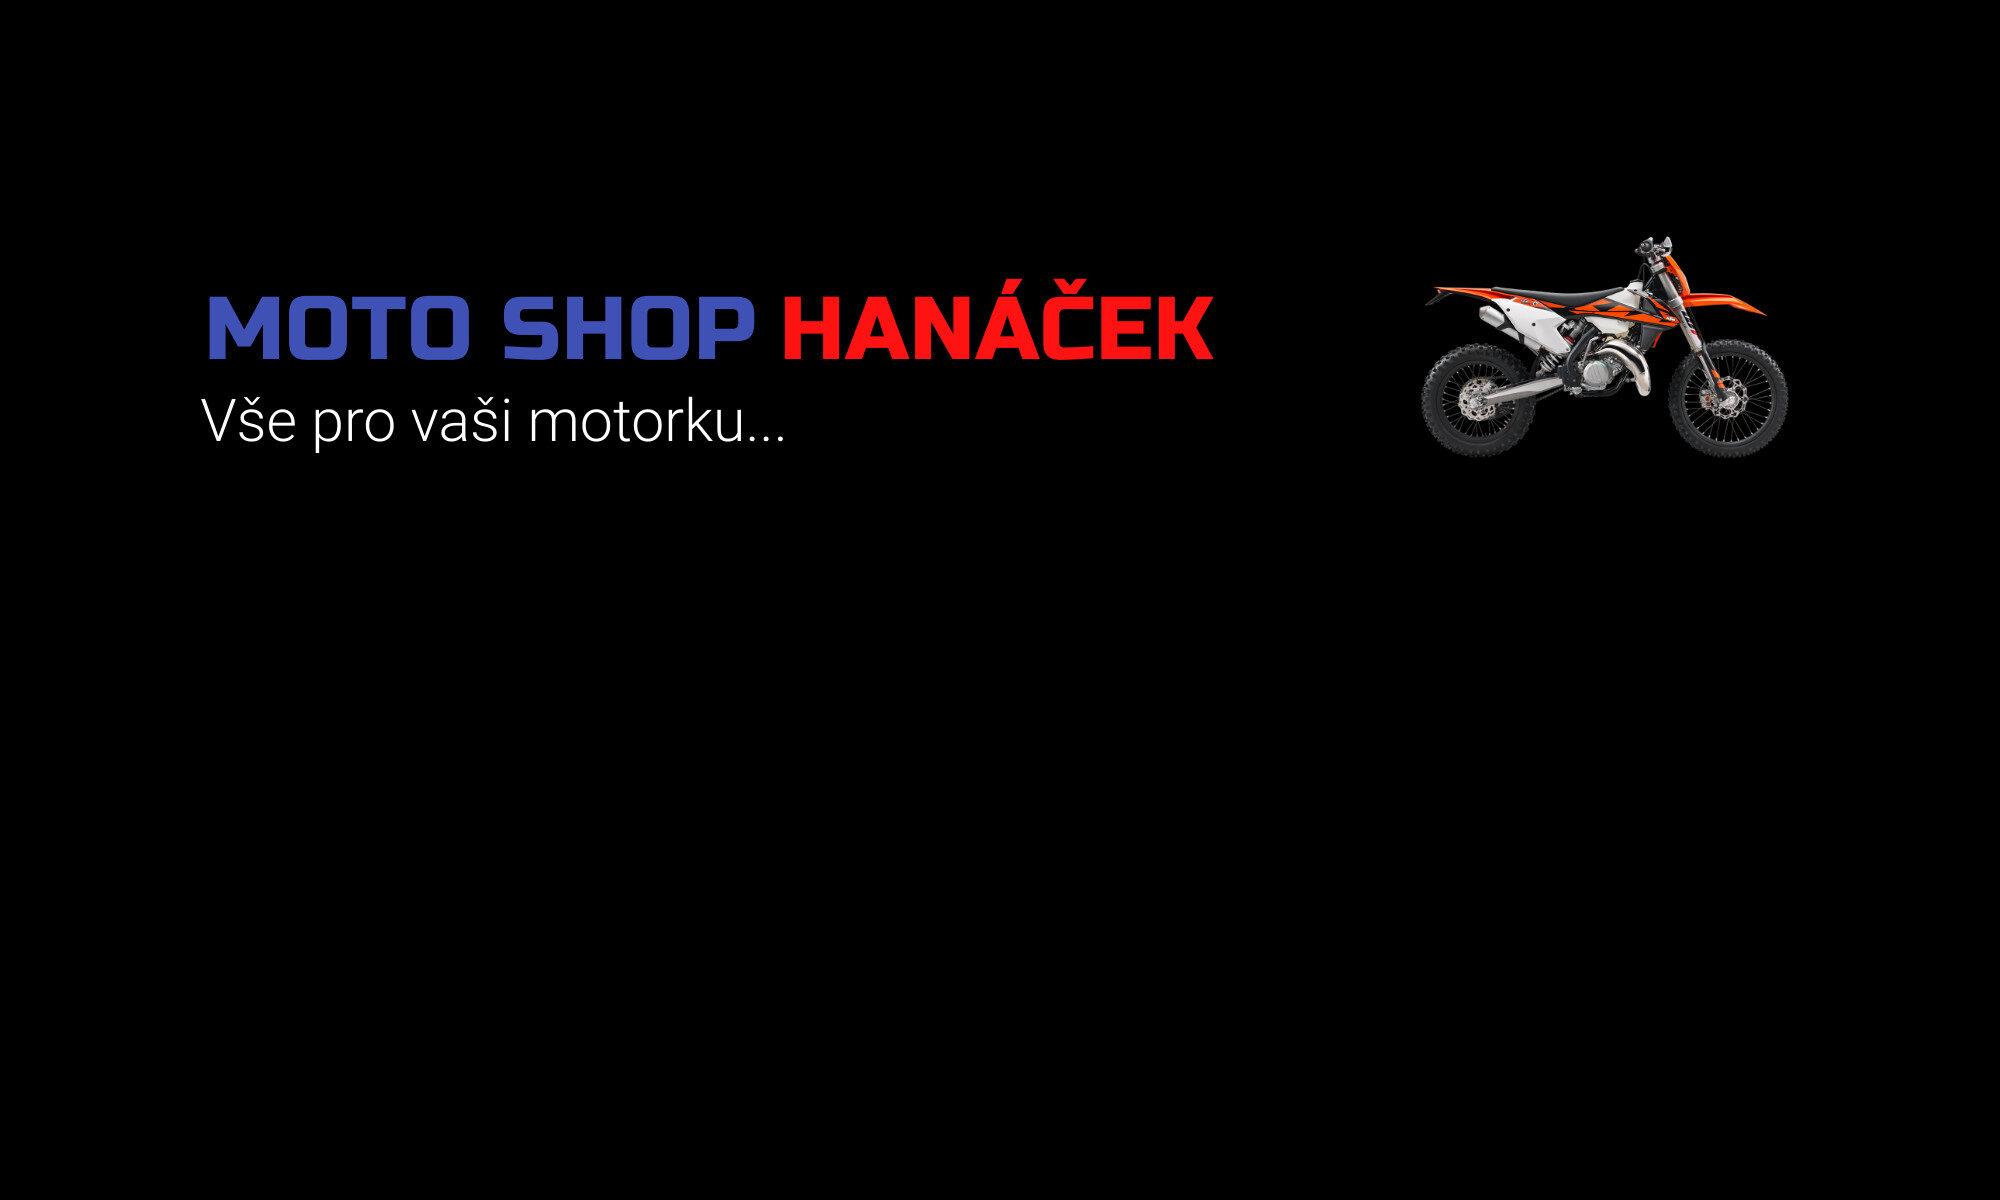 www.motohanacek.cz